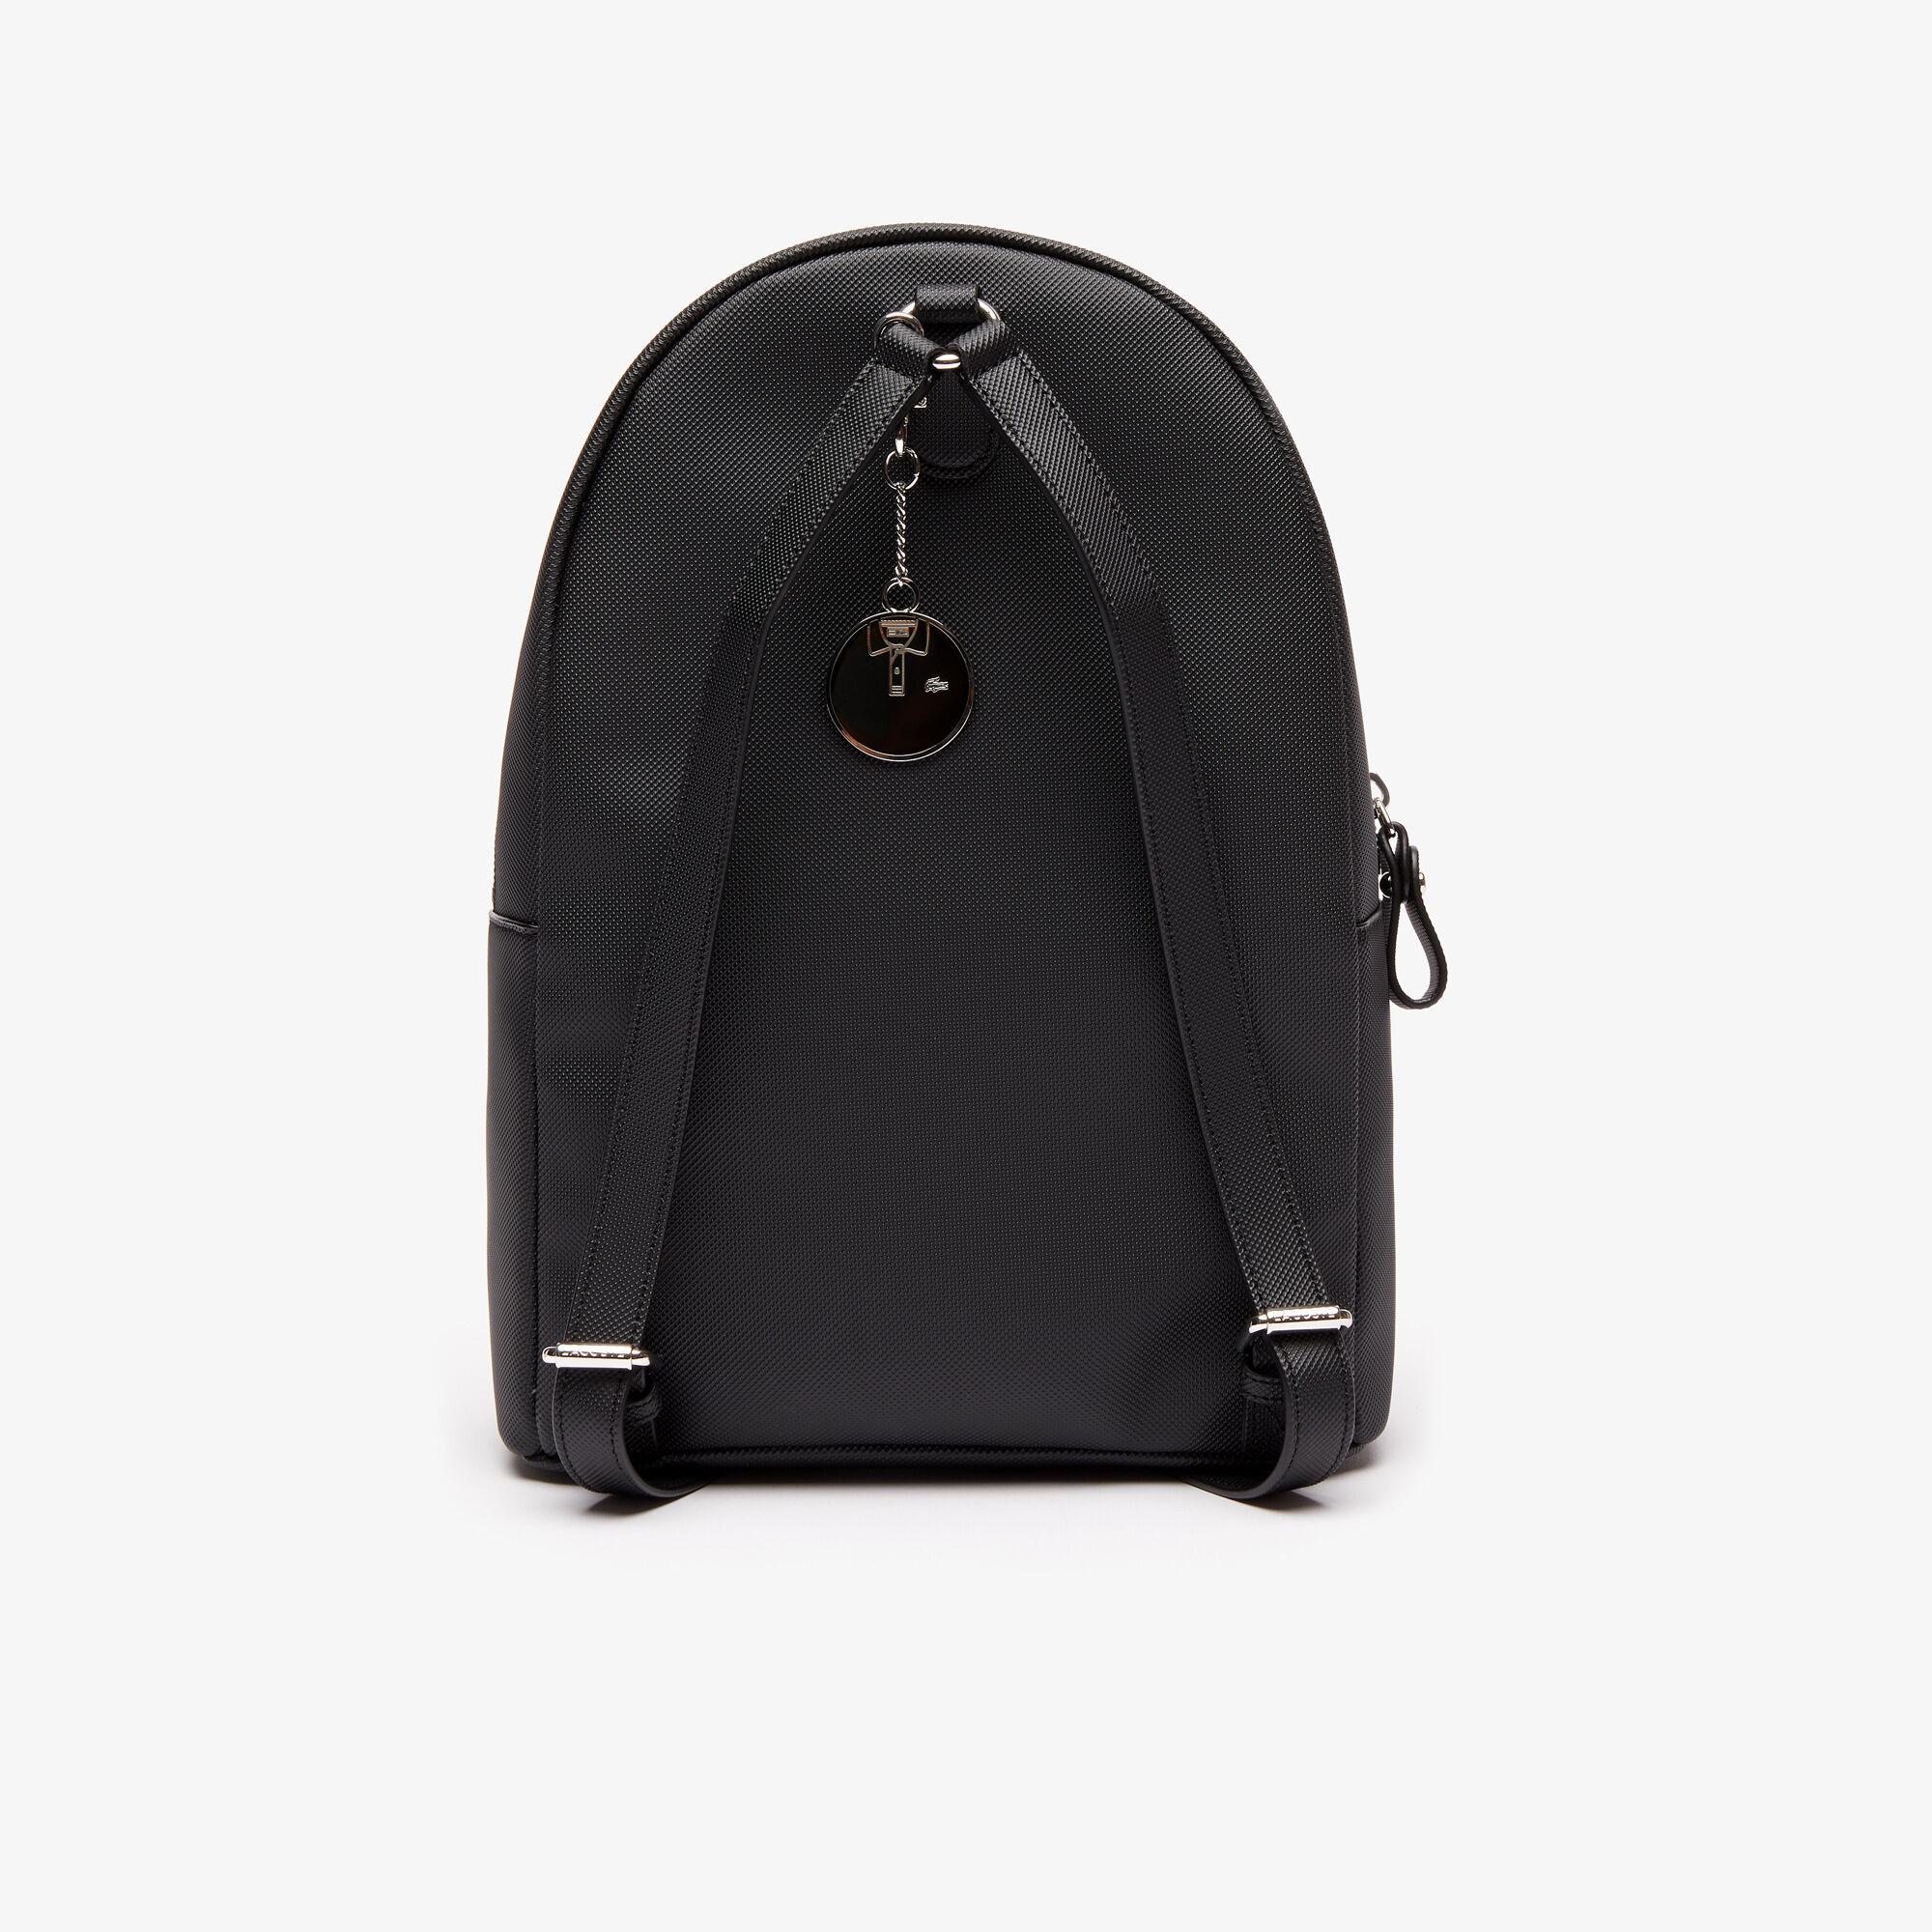 حقيبة ظهر من قماش البيكيه المغلف بالبلاستيك مجموعة Daily Classic للنساء